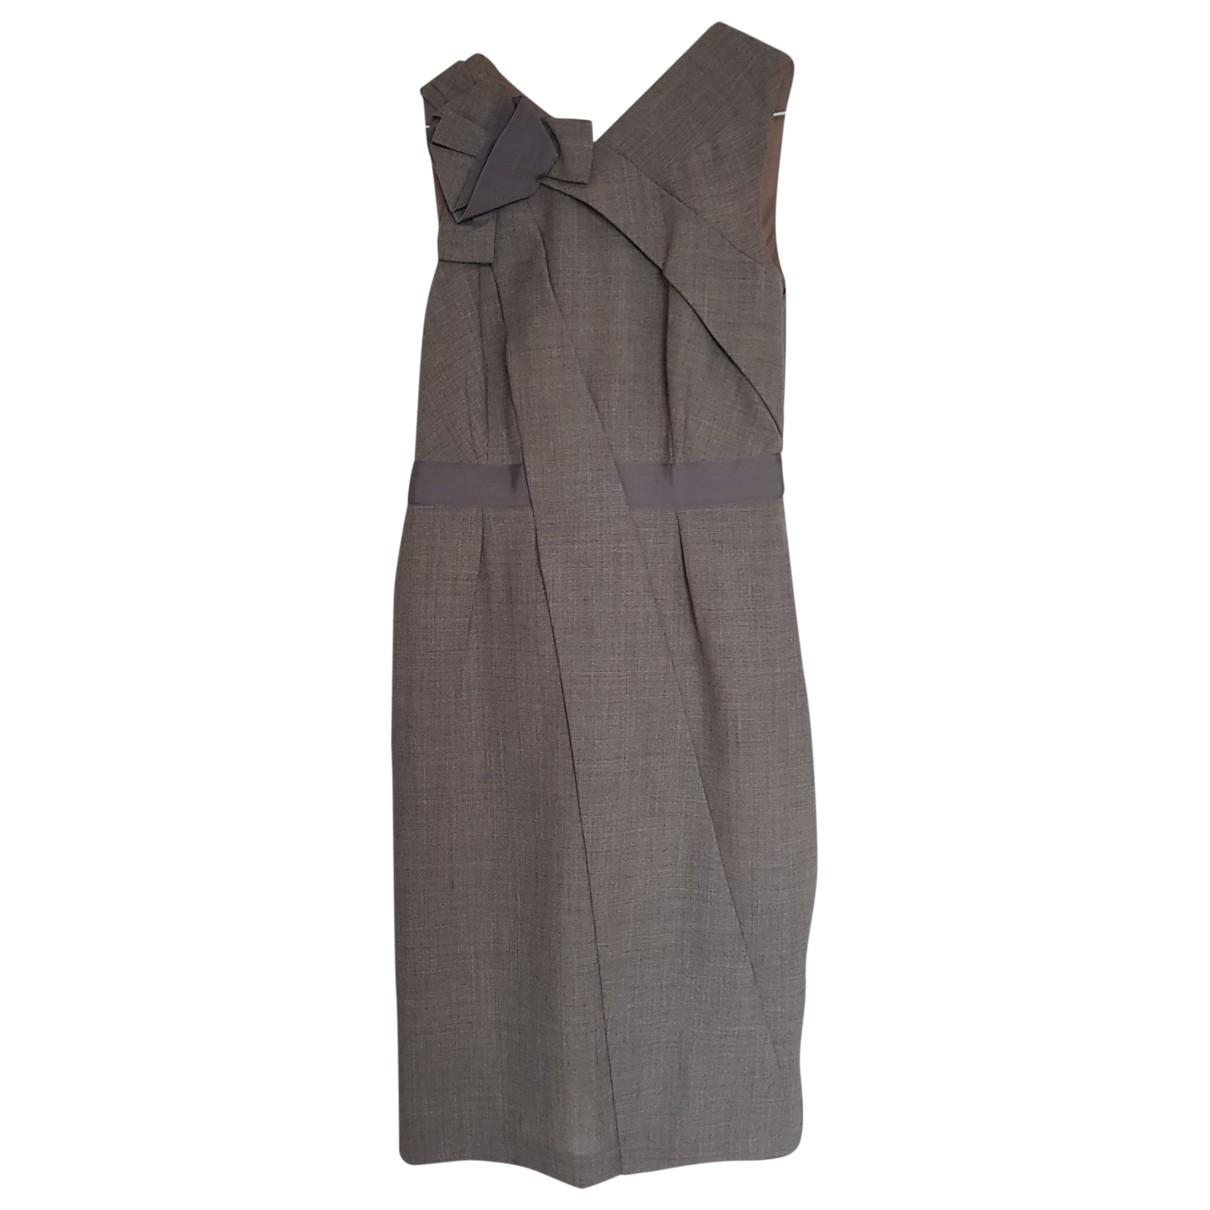 Moschino \N Kleid in  Grau Wolle